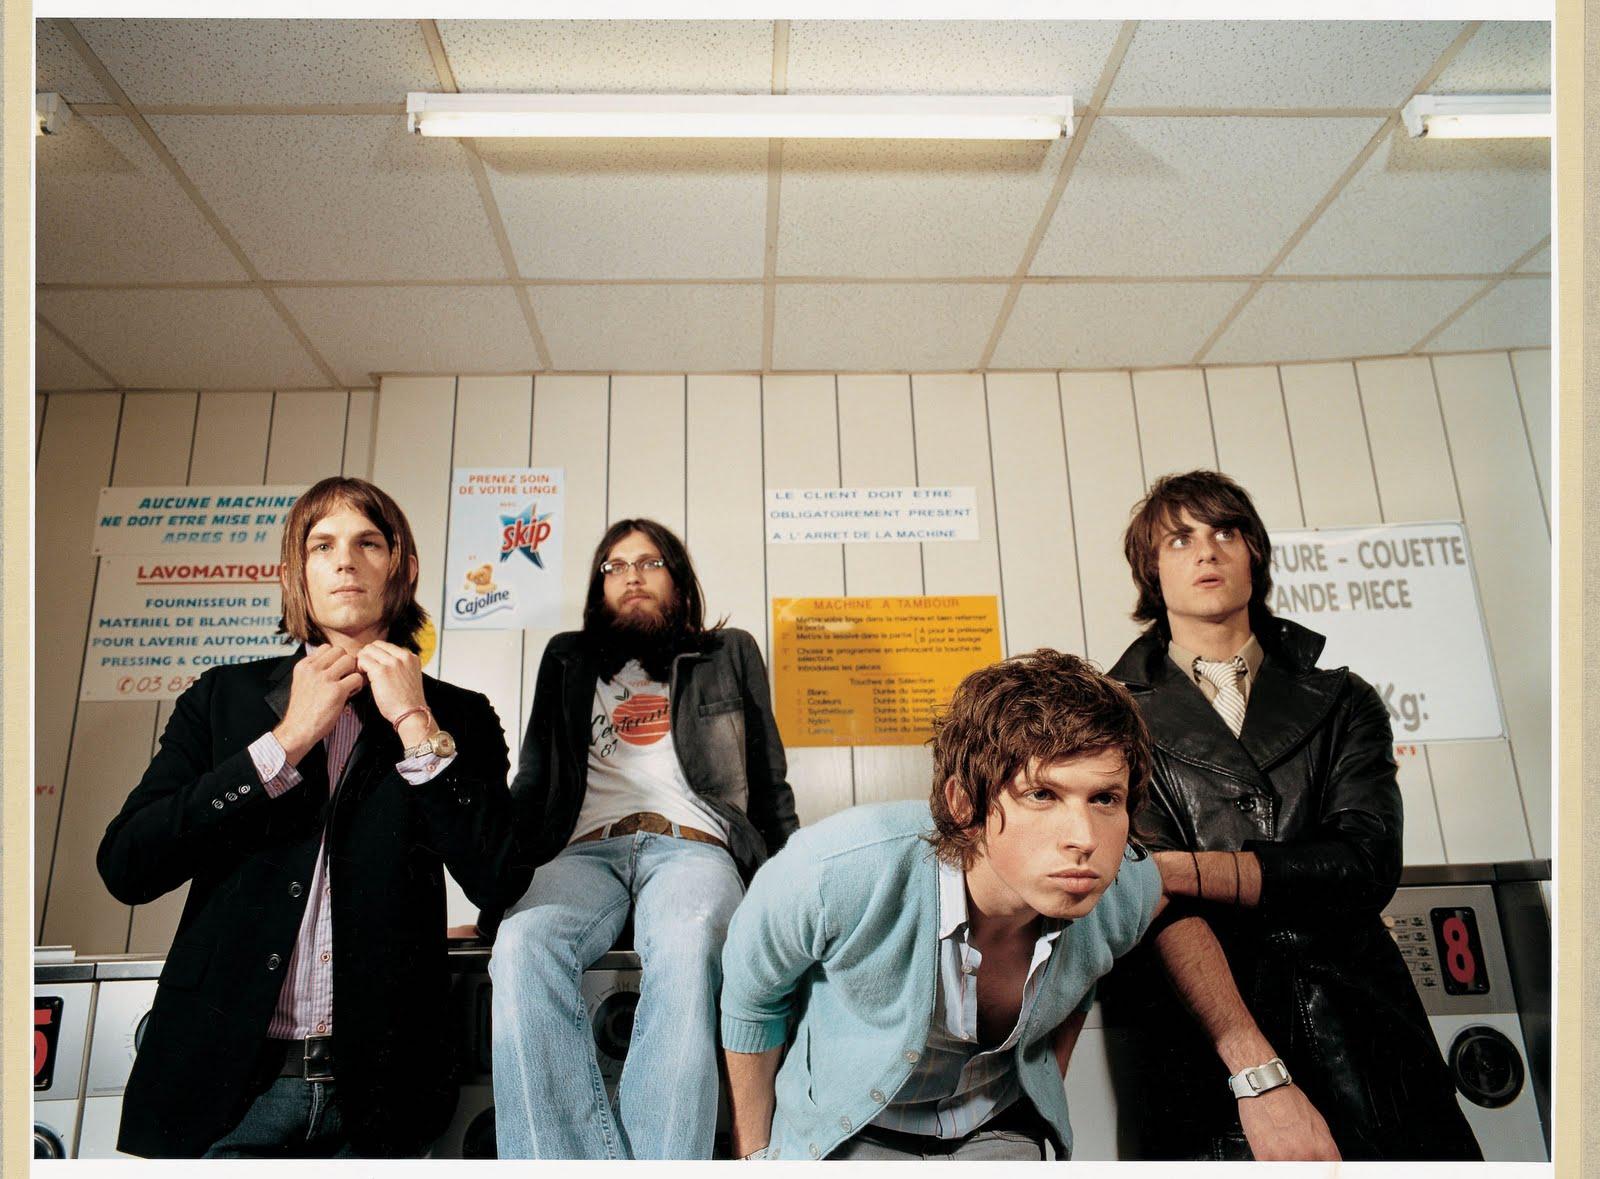 Arcade Fire / LCD Soundsystem - Poupée De Cire, Poupée De Son / No Love Lost